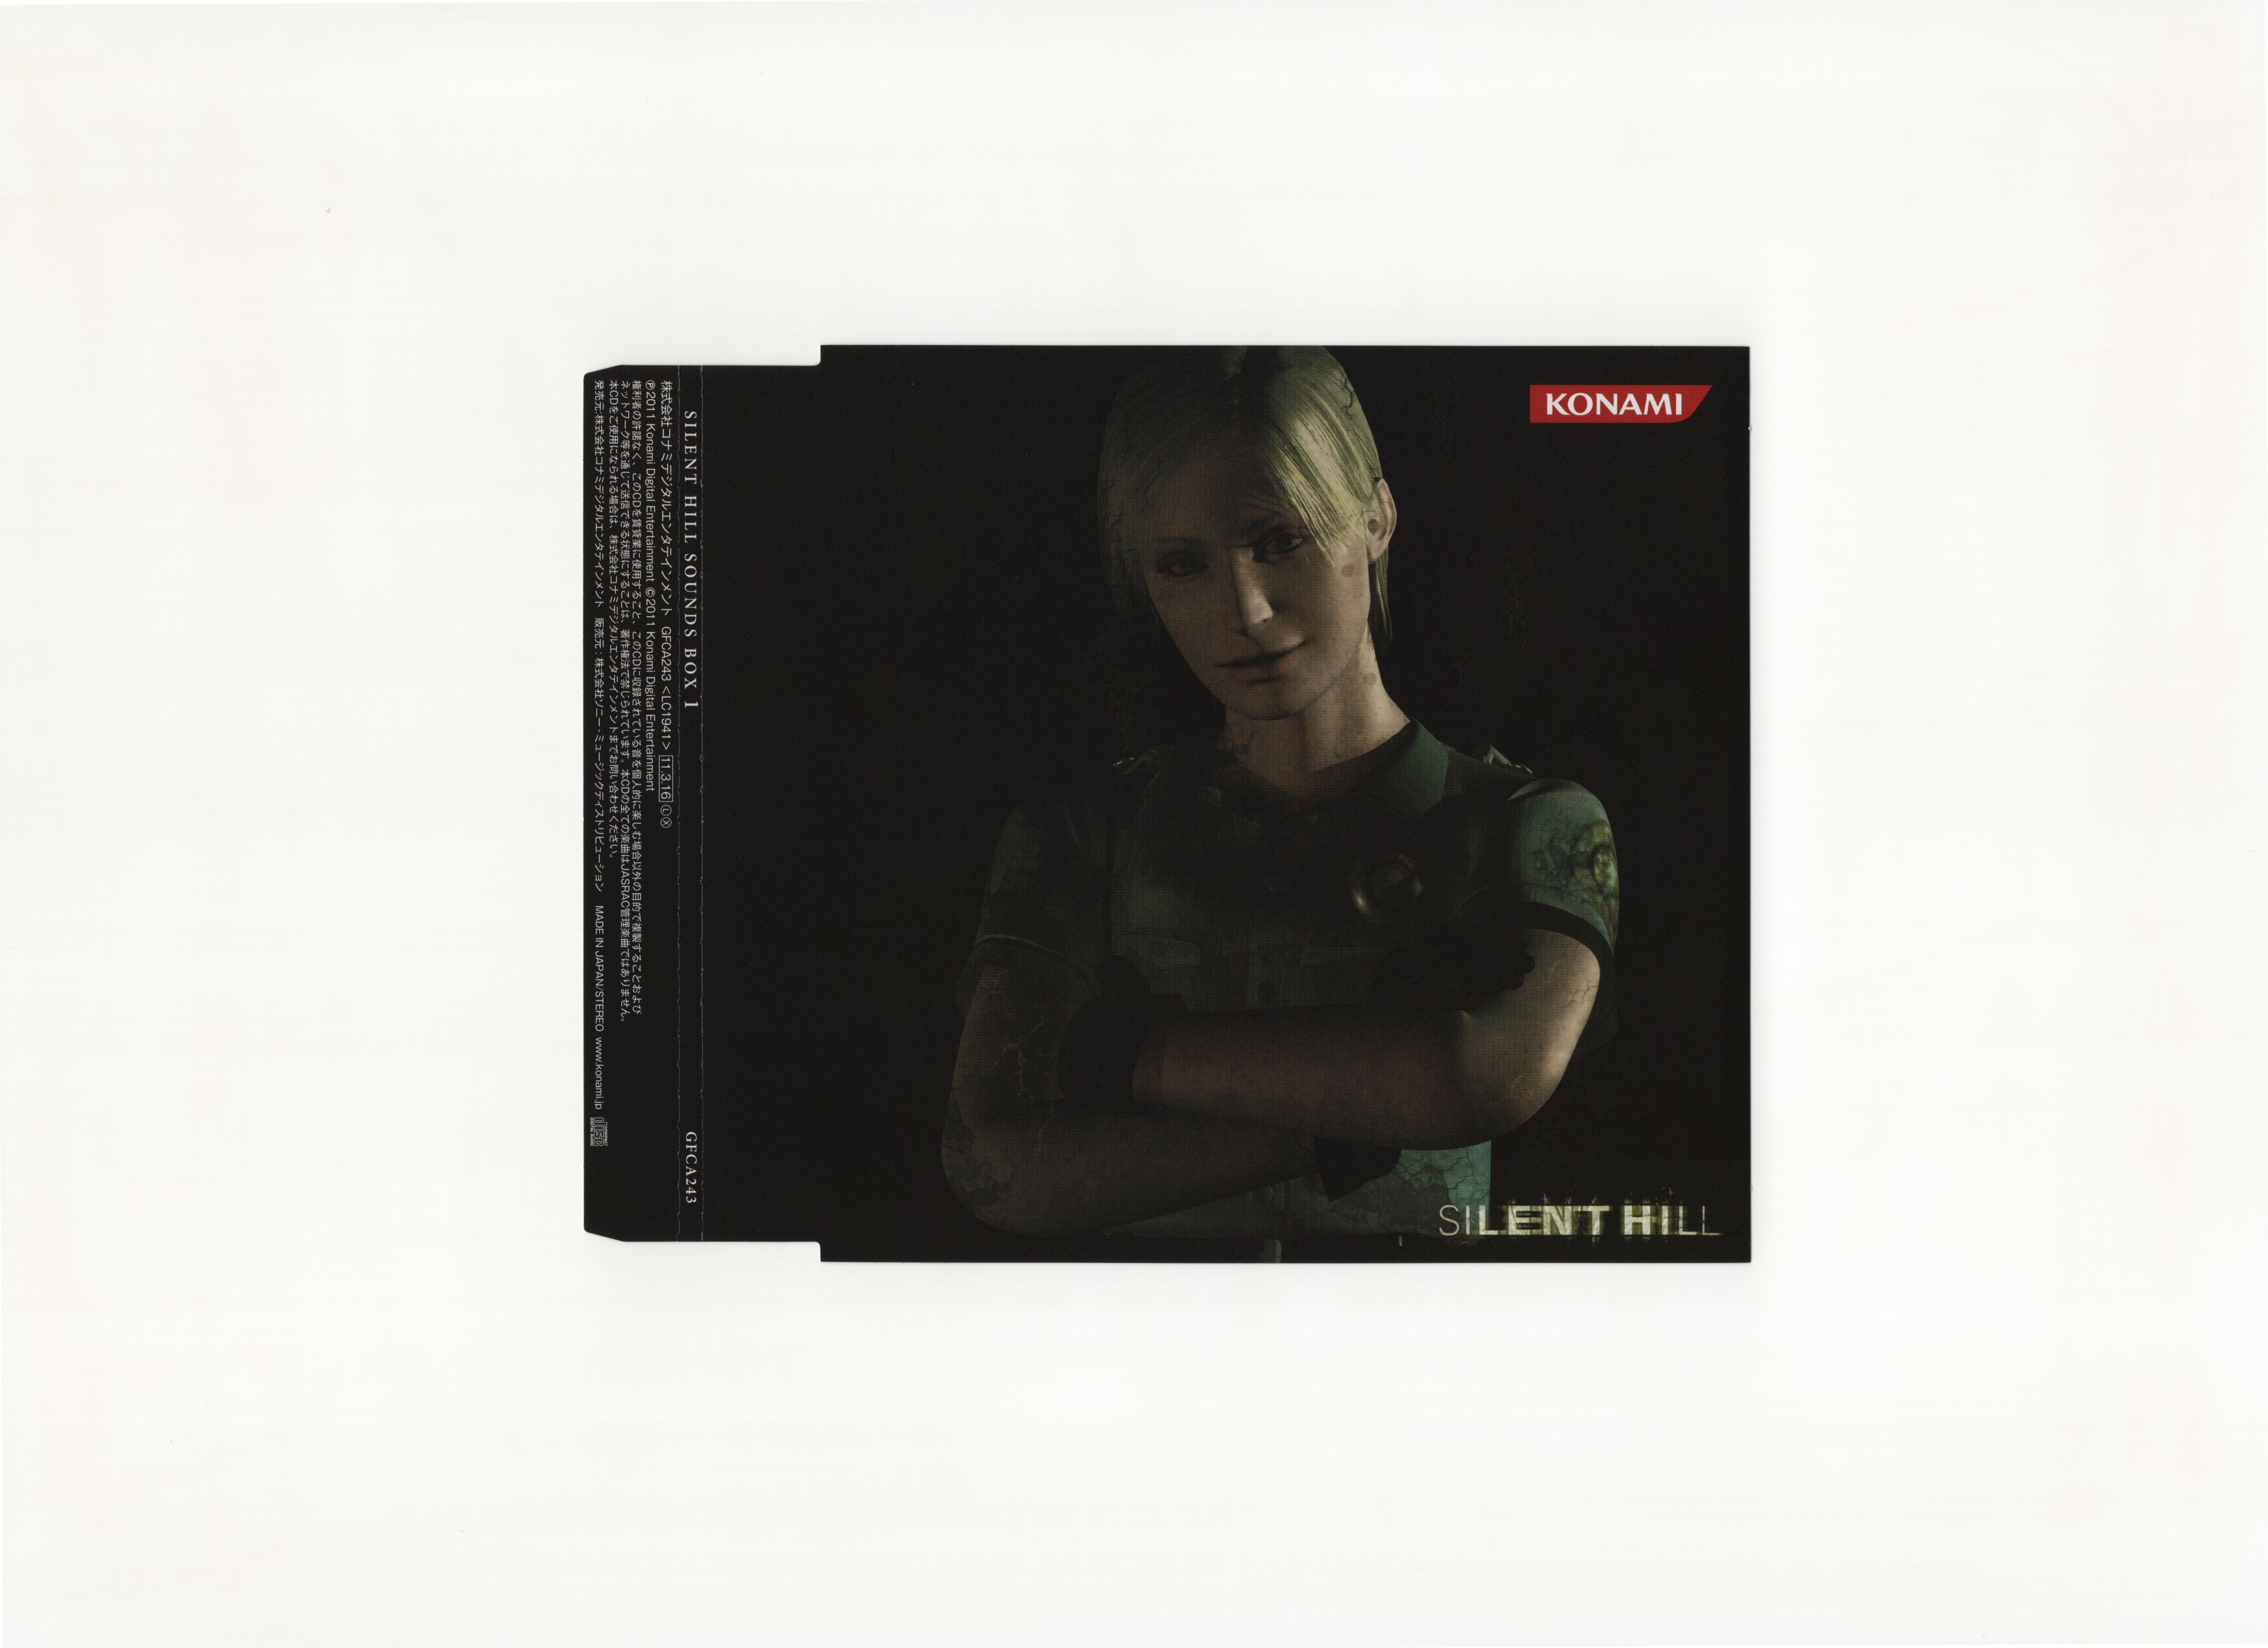 Silent Hill Sounds Box: Disc 1 Silent Hill OST